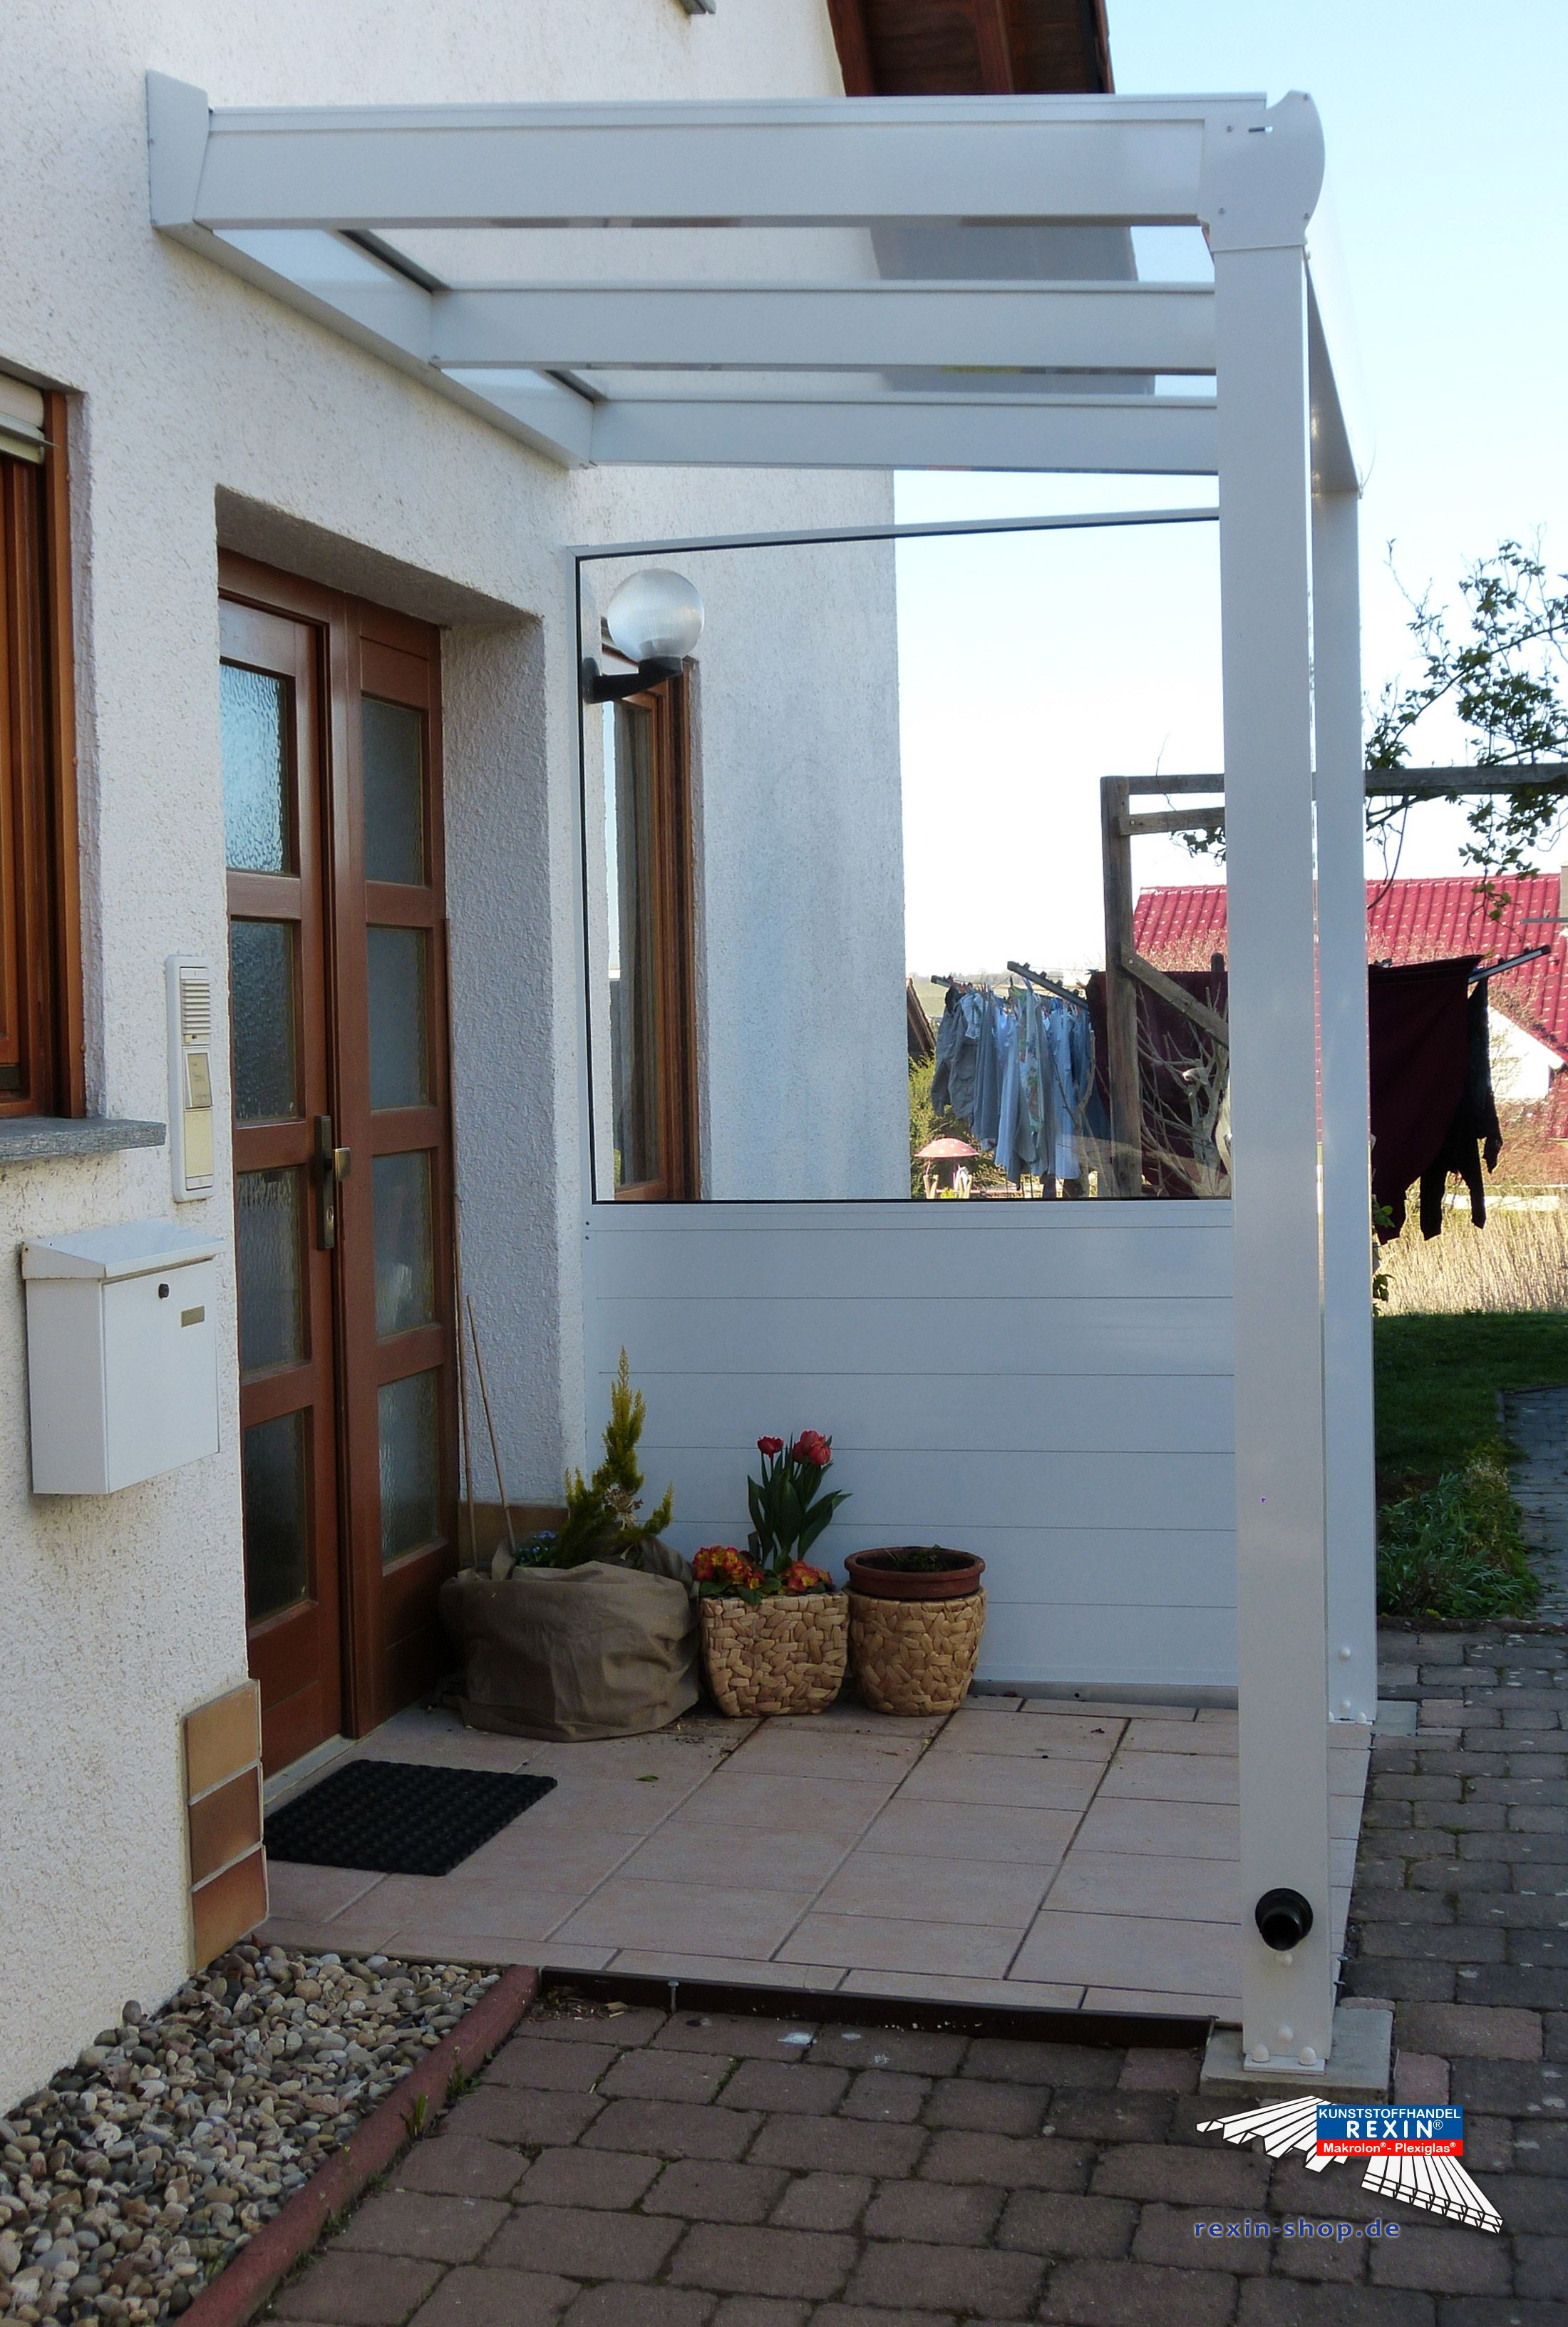 Ein Alu-Haustürvordach der Marke REXOvita 2m x 1,5m in weiß mit ...